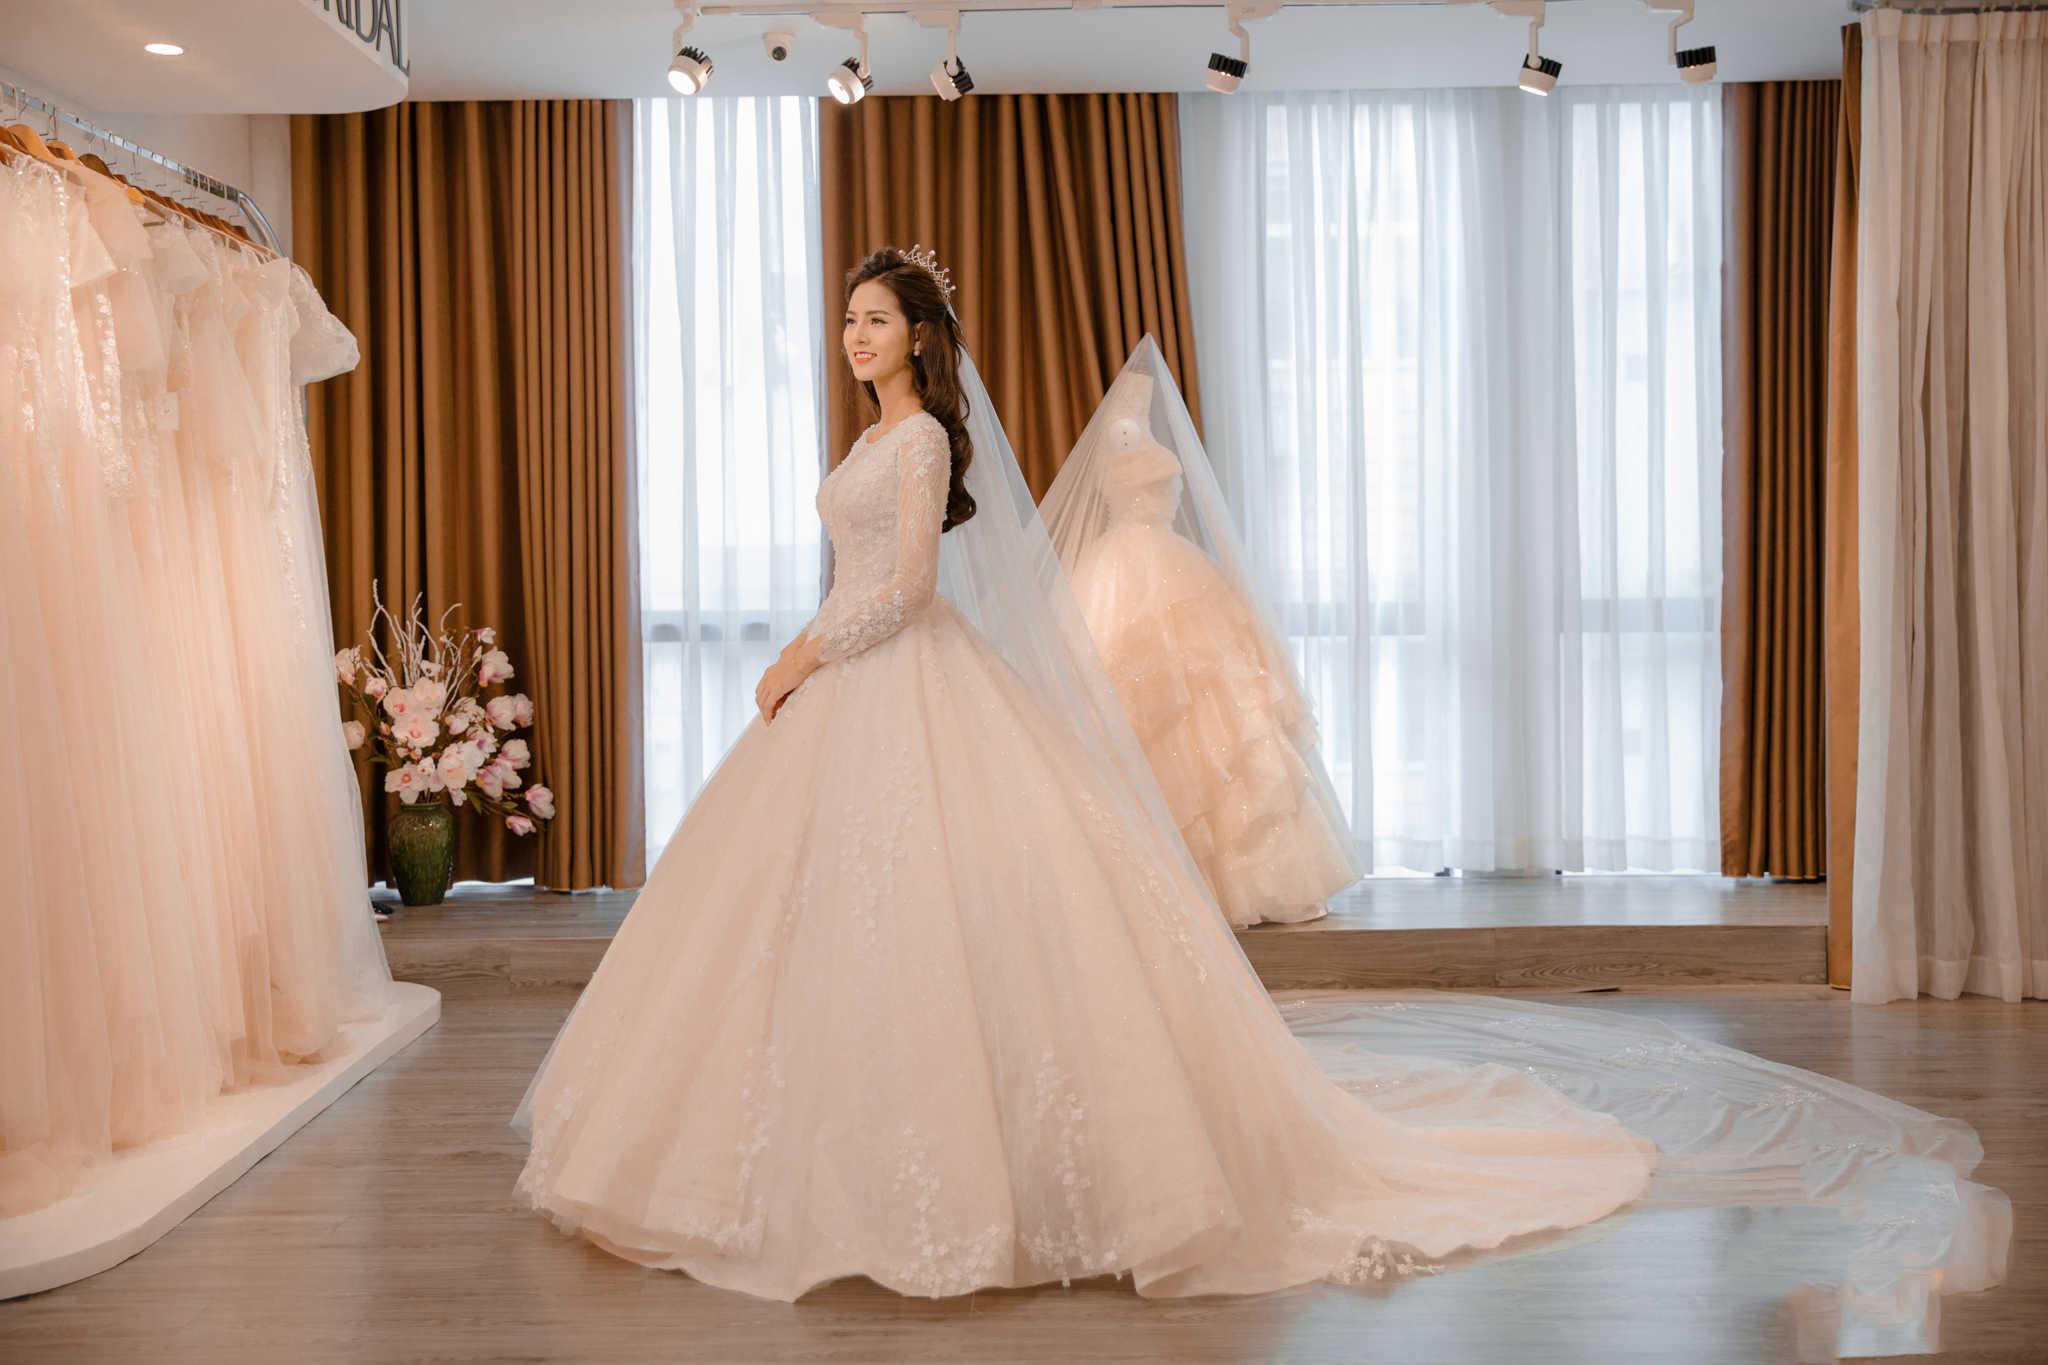 Cho thuê áo cưới giá dưới 1 triệu tại TPHCM